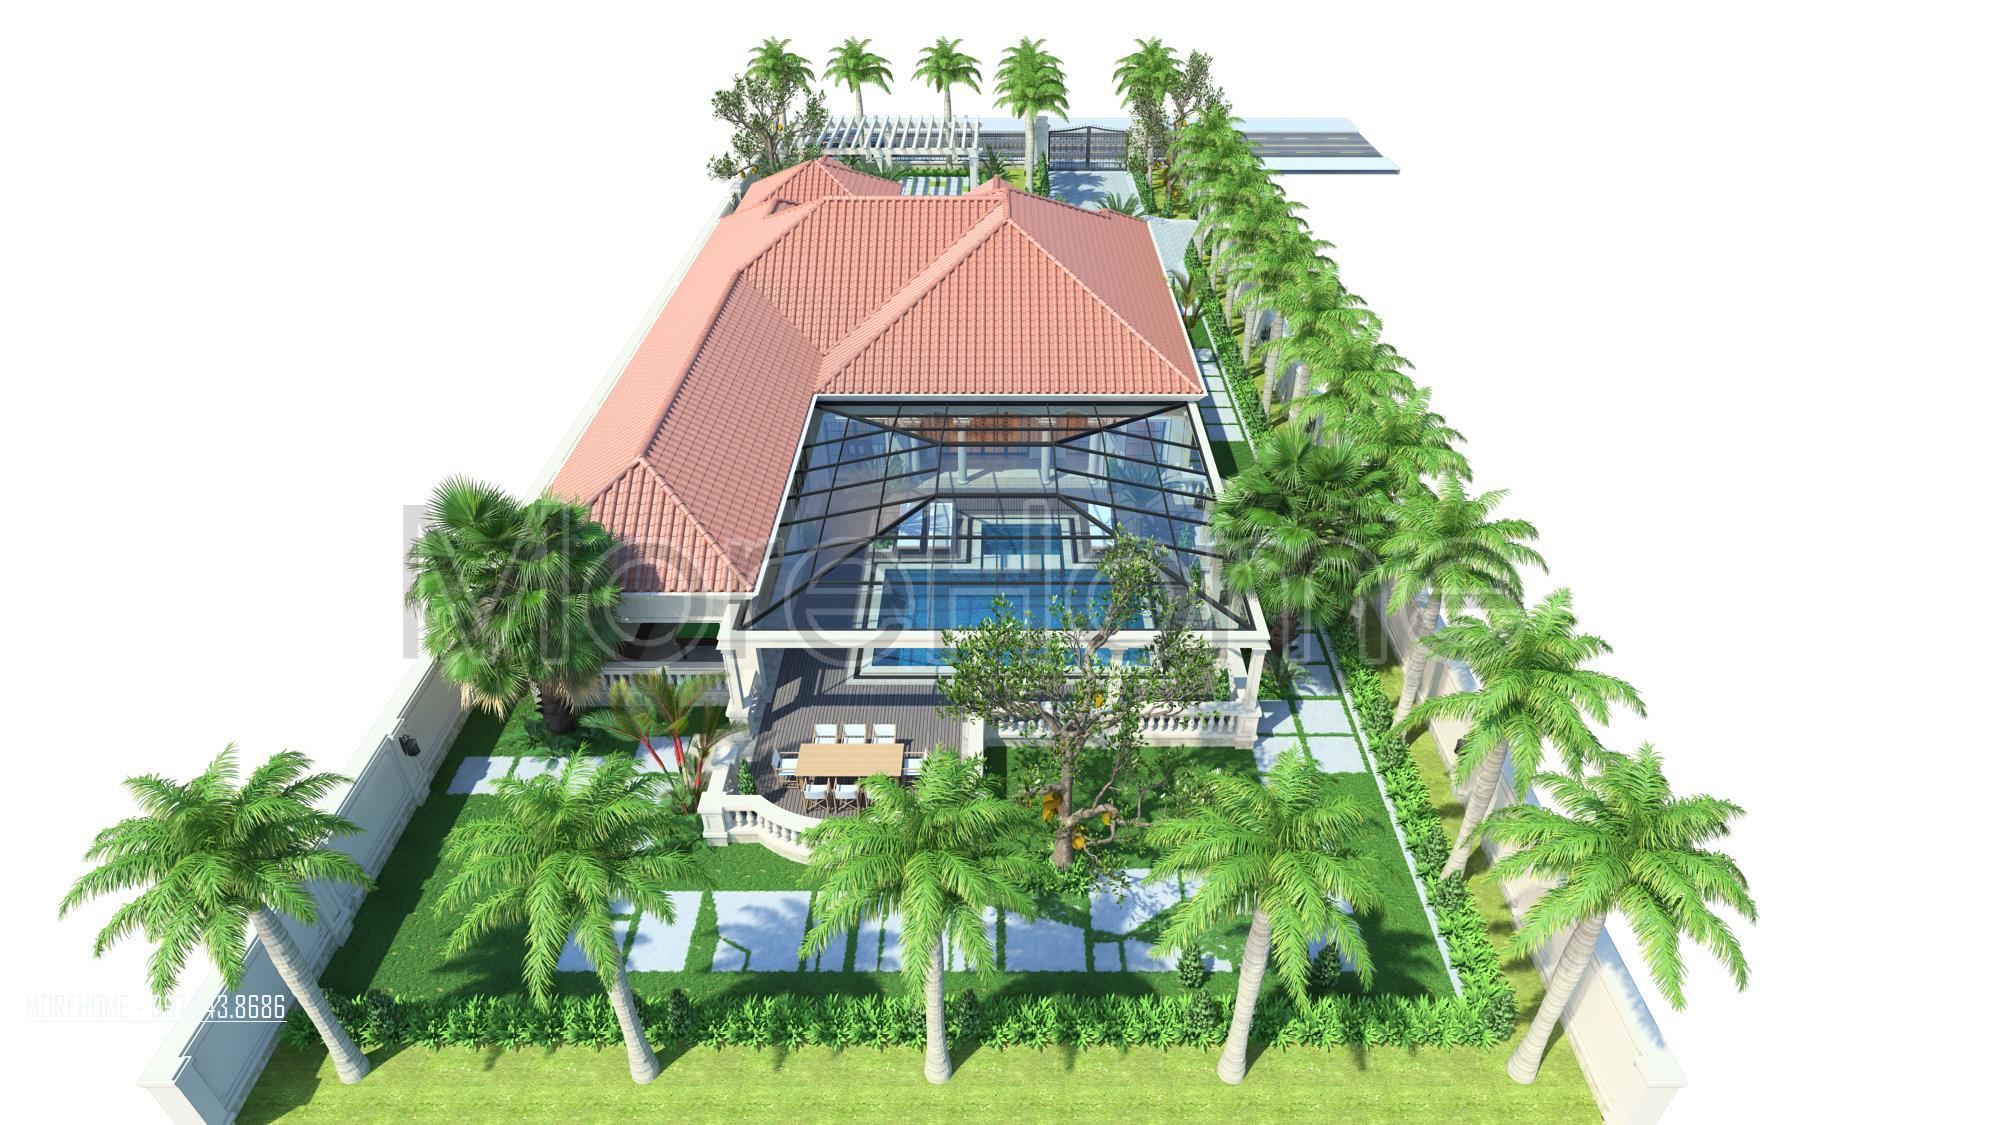 Thiết kế biệt thự nghỉ dưỡng cao cấp tại thanh hóa